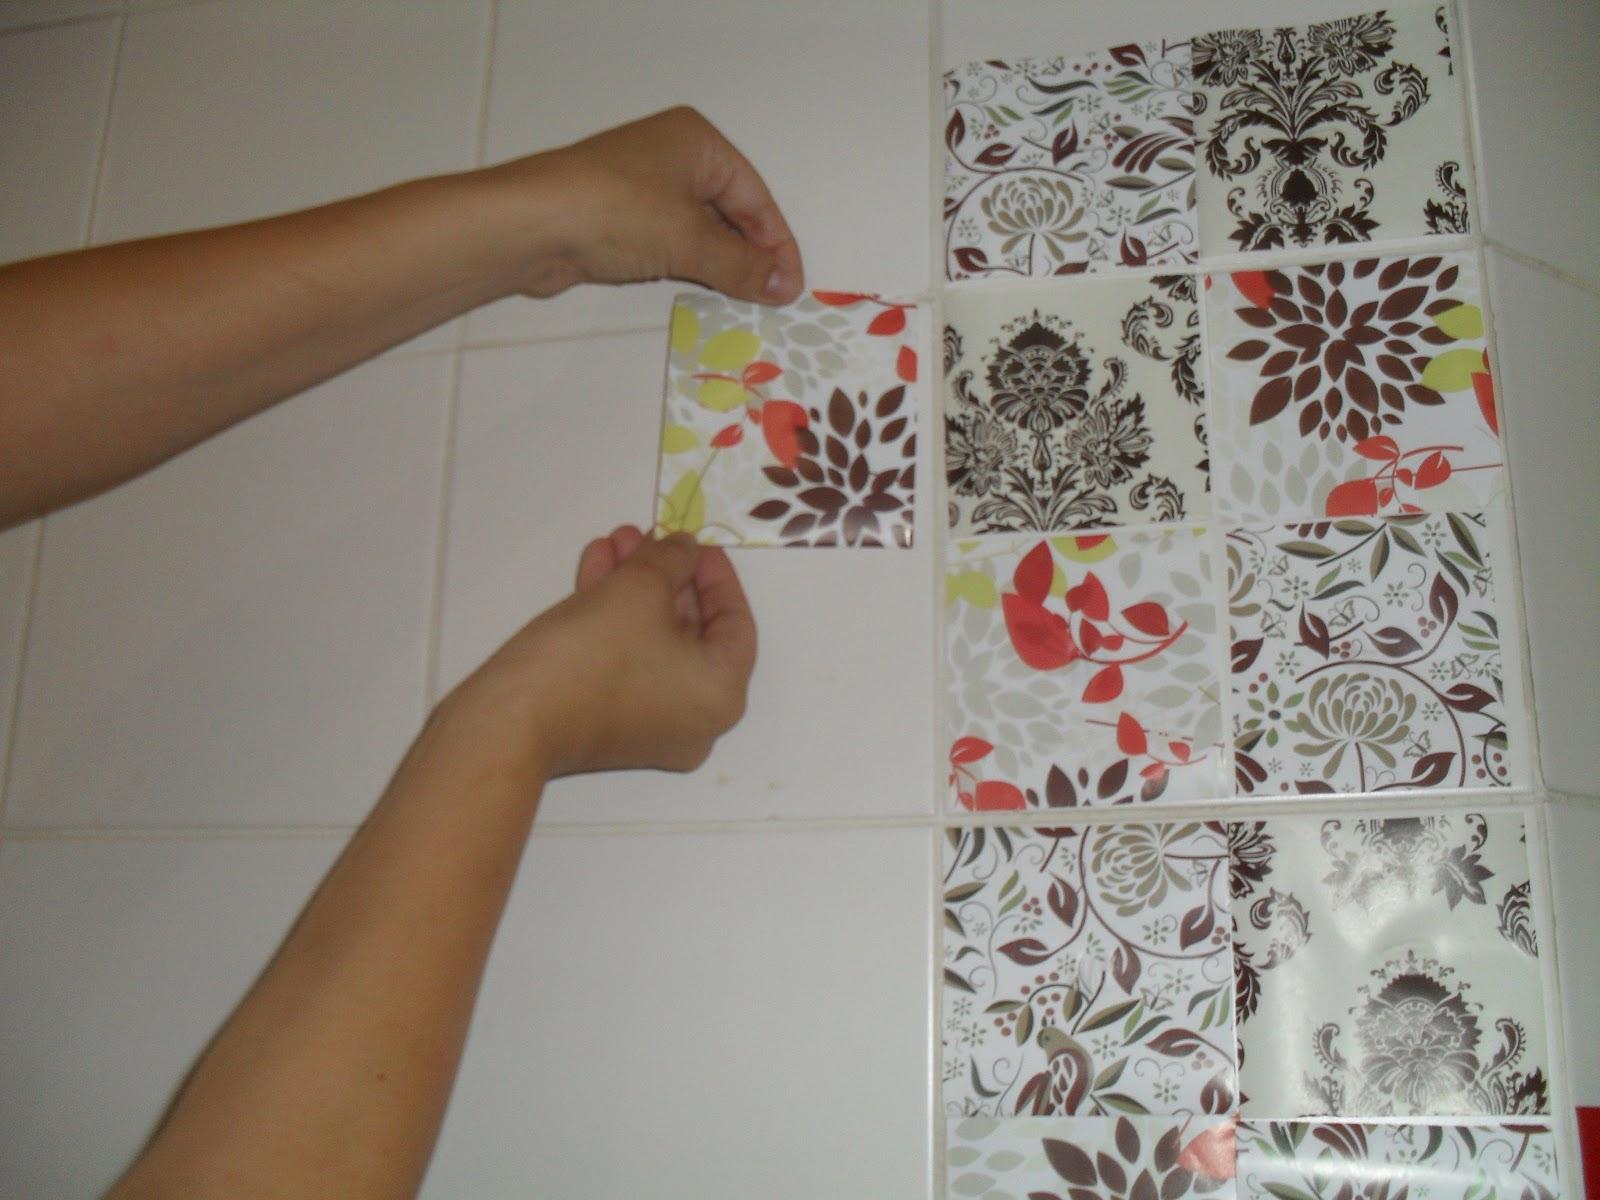 Casa de Boneca Decor Minha cozinha vintage com contact e azulejos de p # Azulejo Cozinha Com Papel Contact